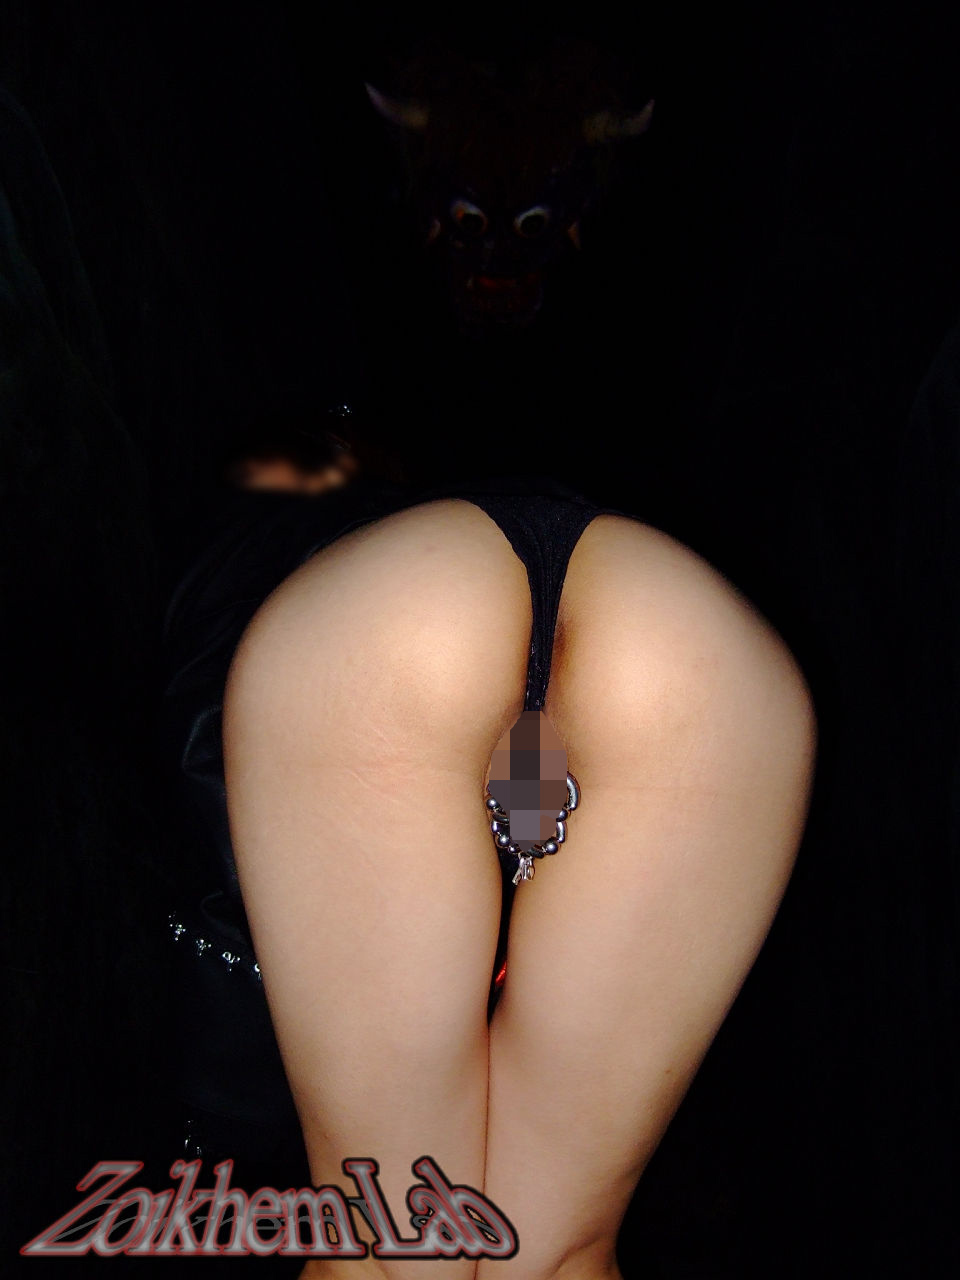 【※閲覧注意エロ画像】ピアス付け過ぎて大変な事になった女性器が見せられ無さ過ぎ(;゚Д゚)